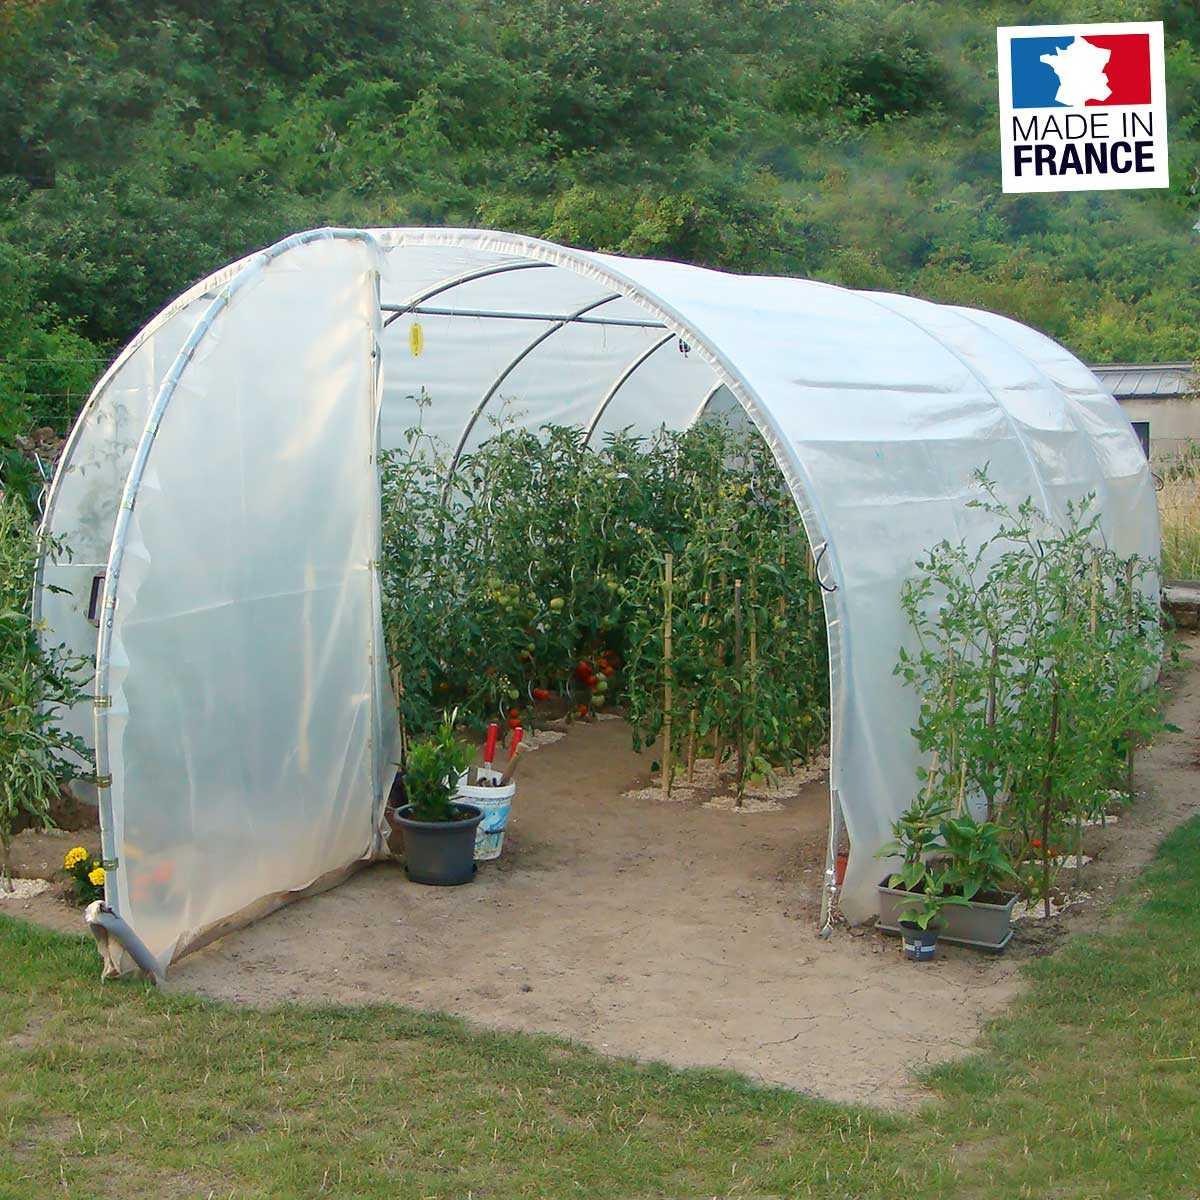 grande serre tunnel de jardin 2 portes 3m x 6m 18m2 vente au meilleur prix jardins animes